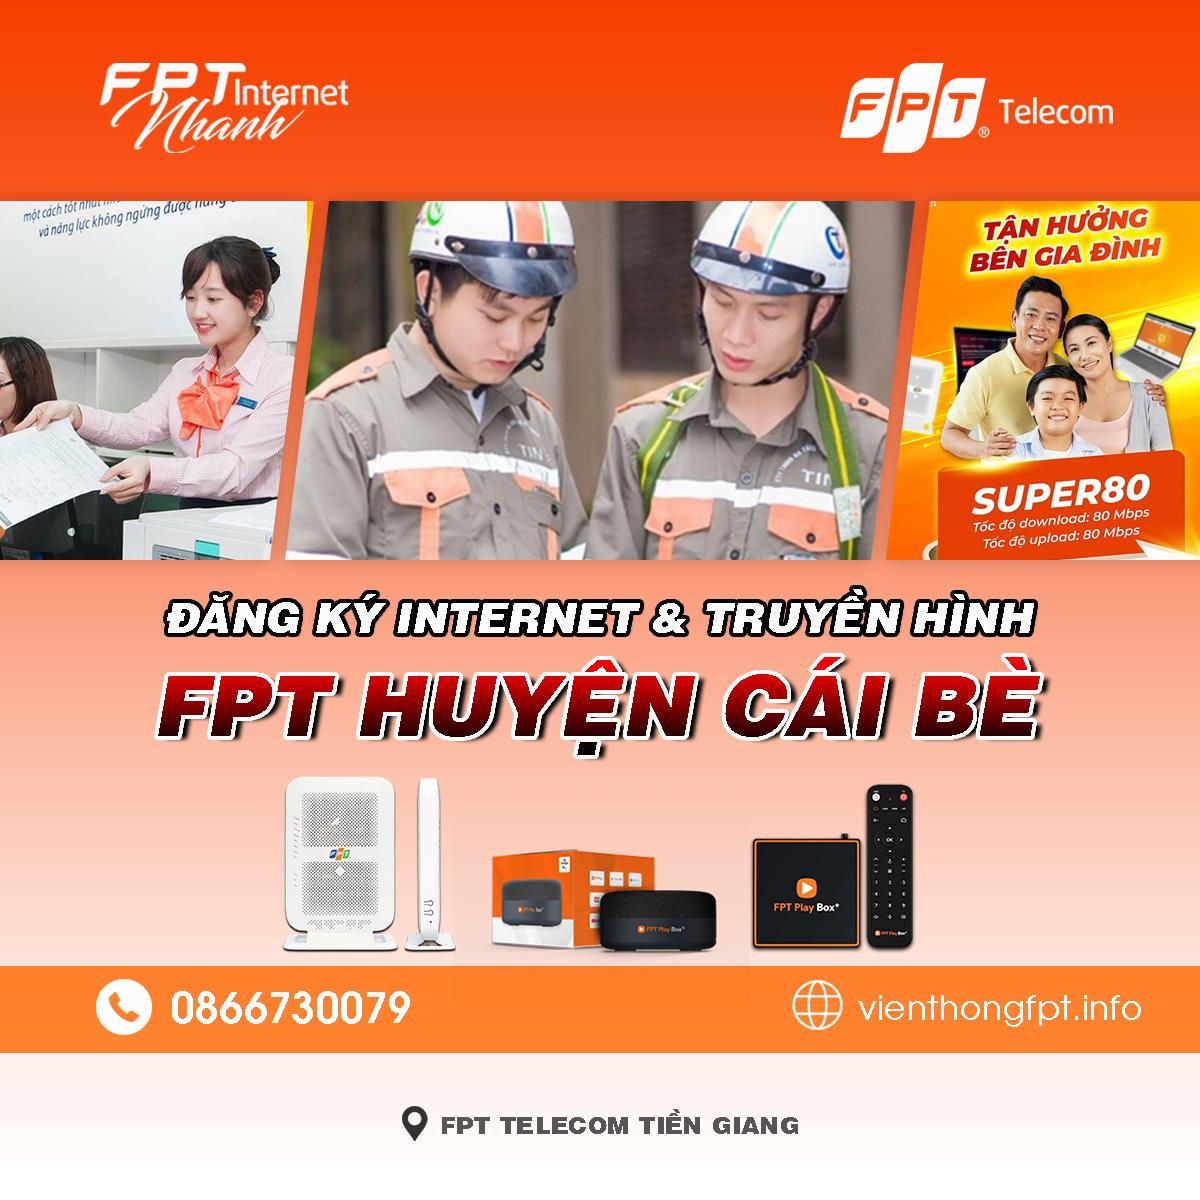 Chi nhánh FPT Cái Bè - Tổng đài lắp mạng Internet và Truyền hình FPT